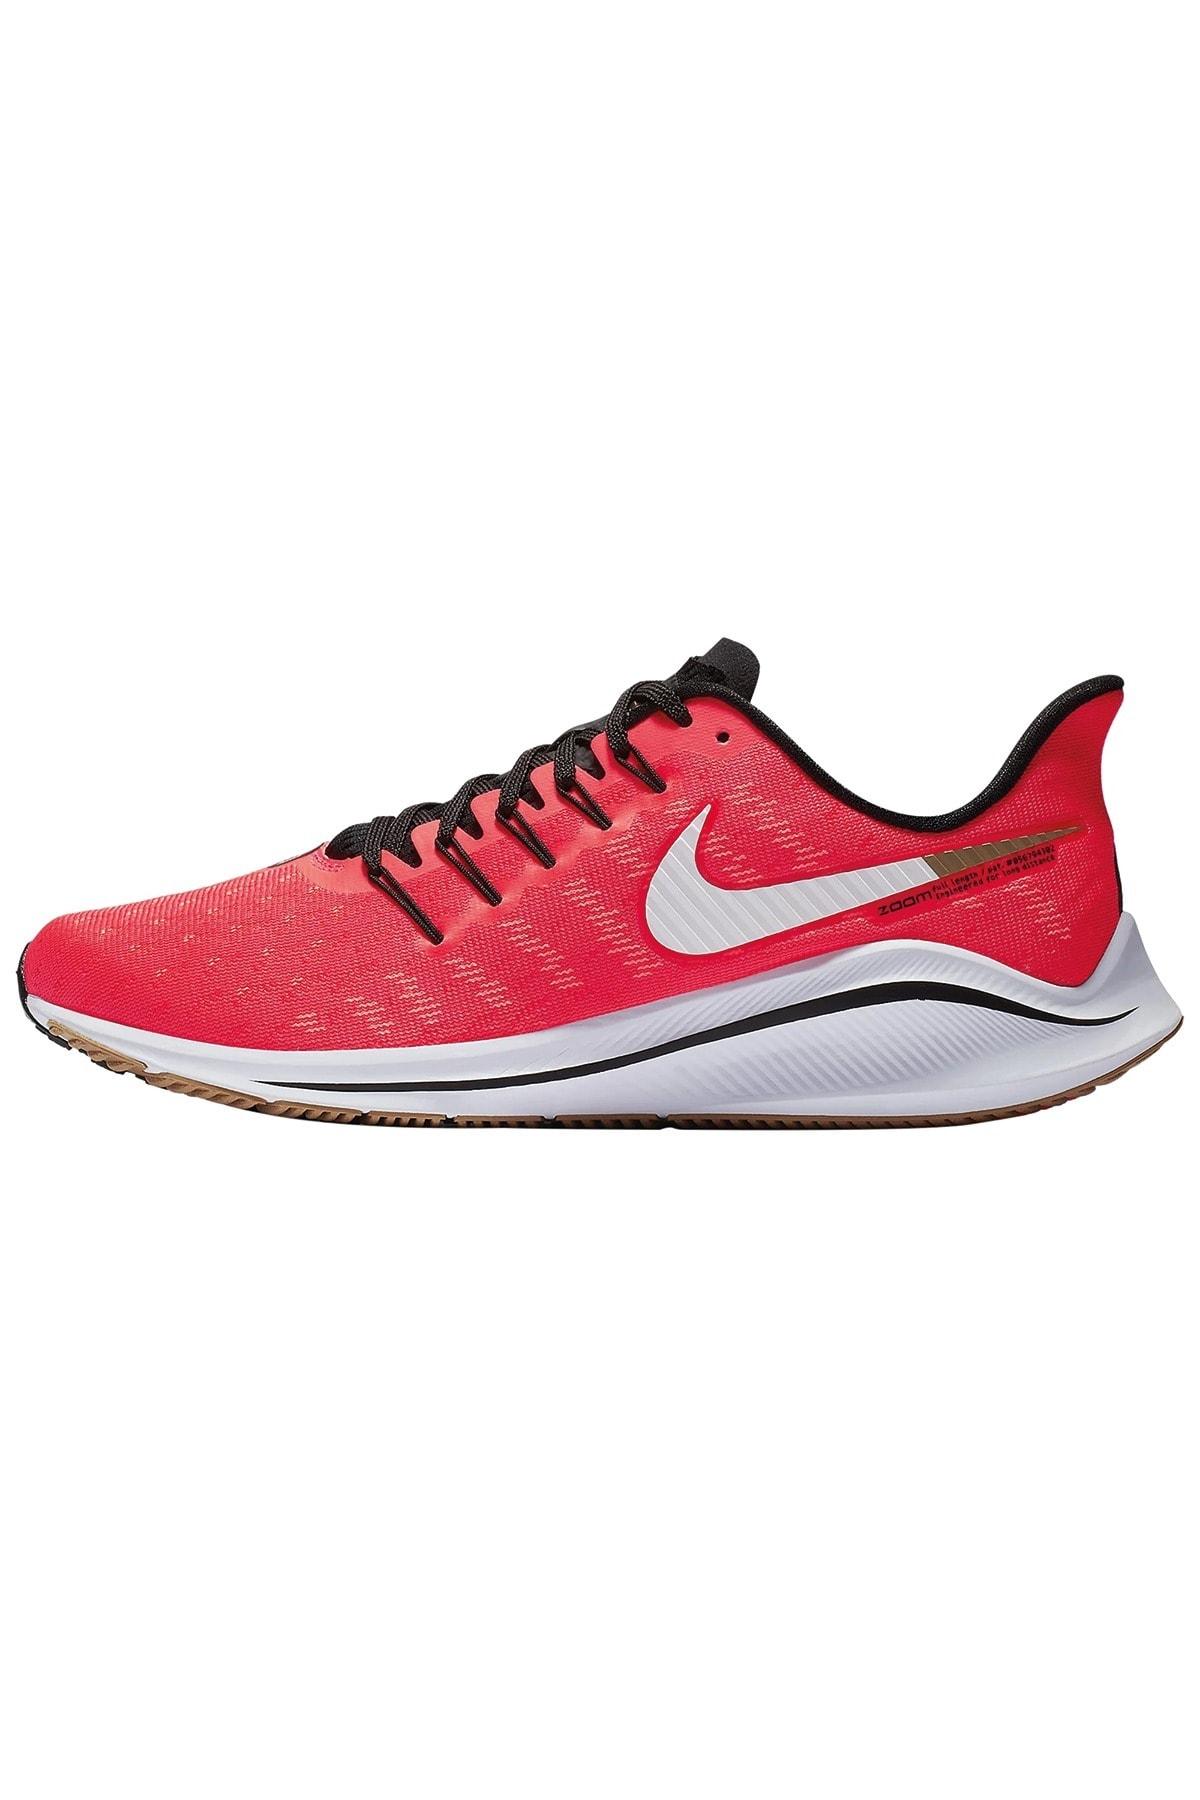 Nike Air Zoom Vomero 14 Ah7857-602 Kadın Koşu Ayakkabısı Kırmızı-37 1